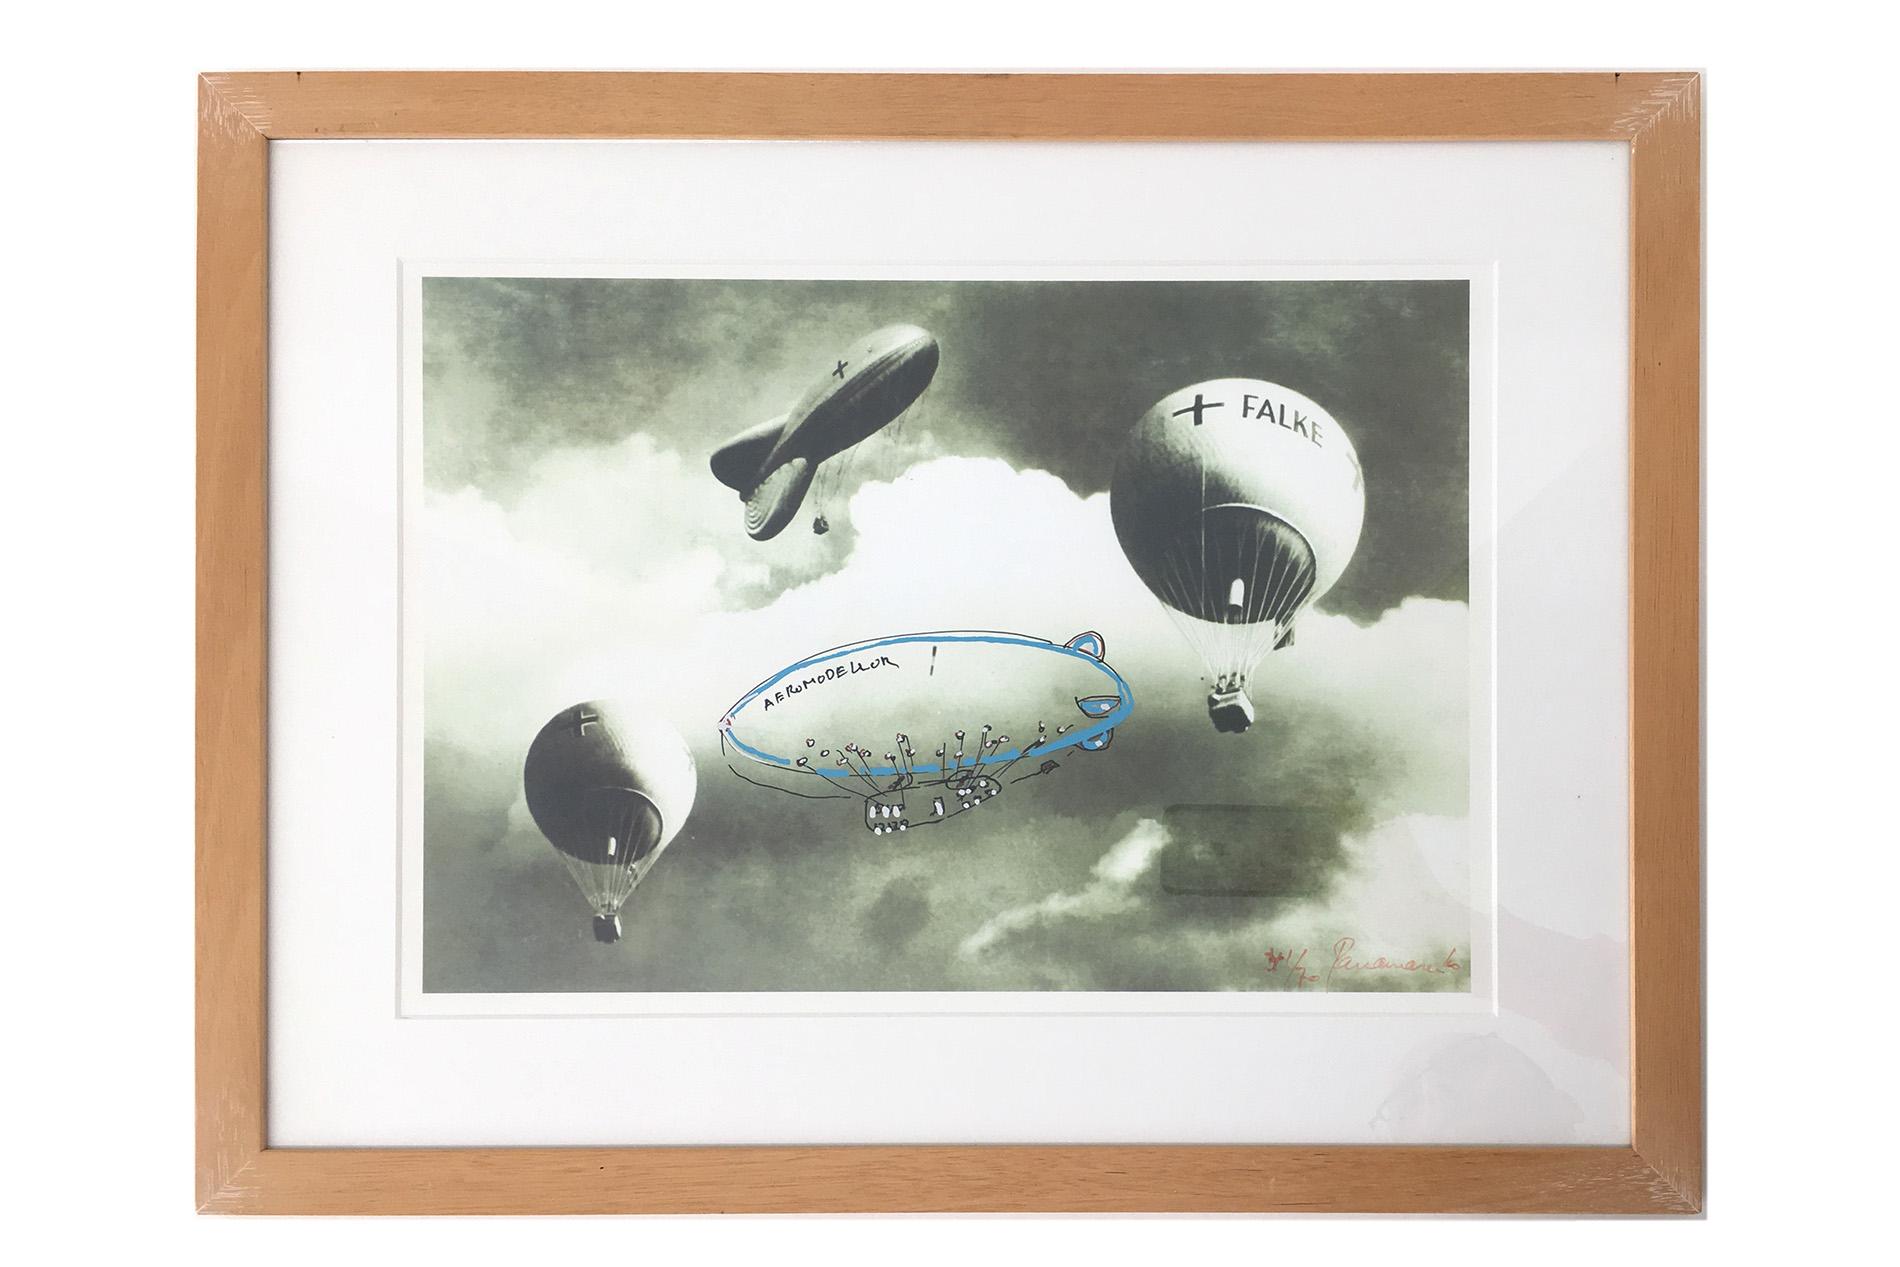 Panamarenko | Aeromodeler + Falke 2003